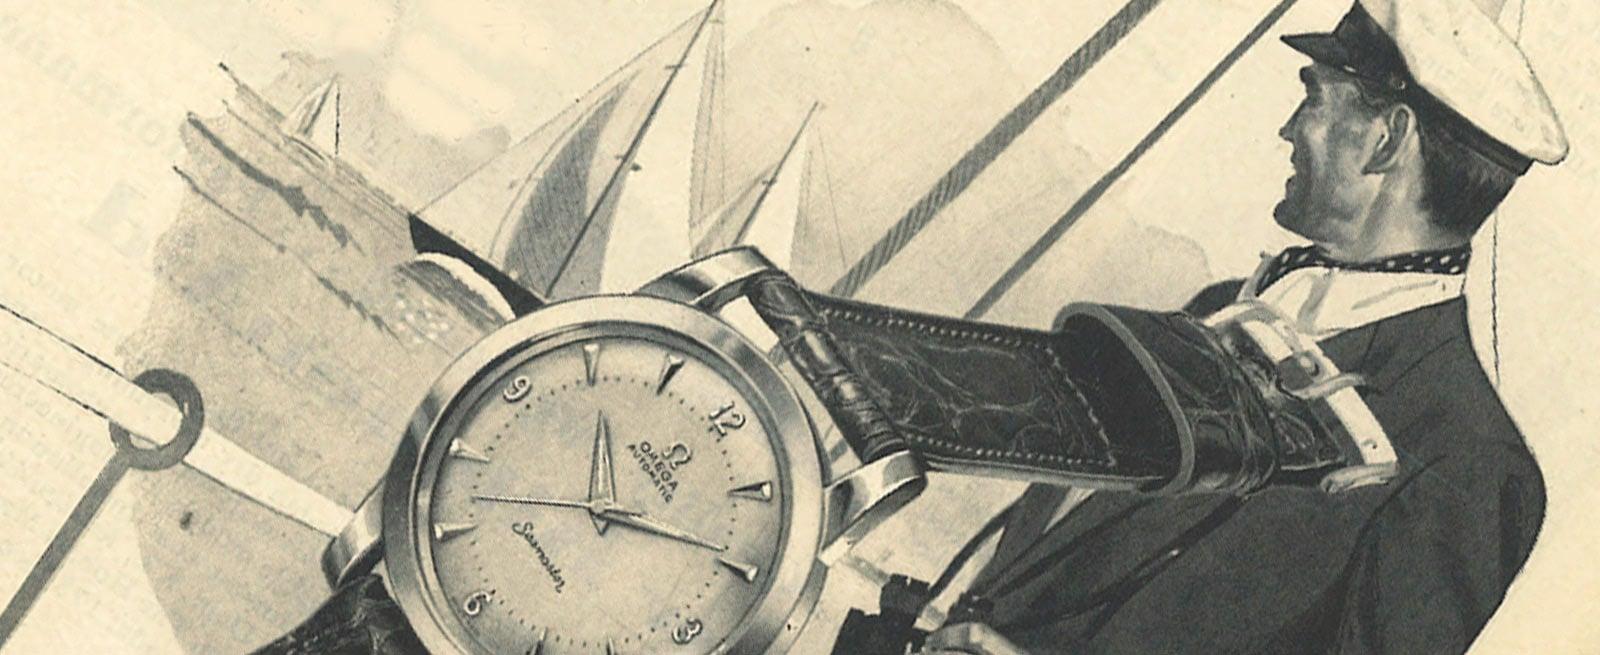 欧米茄系列: Seamaster - 海洋宇宙600米腕表 - 海洋的深情呼唤